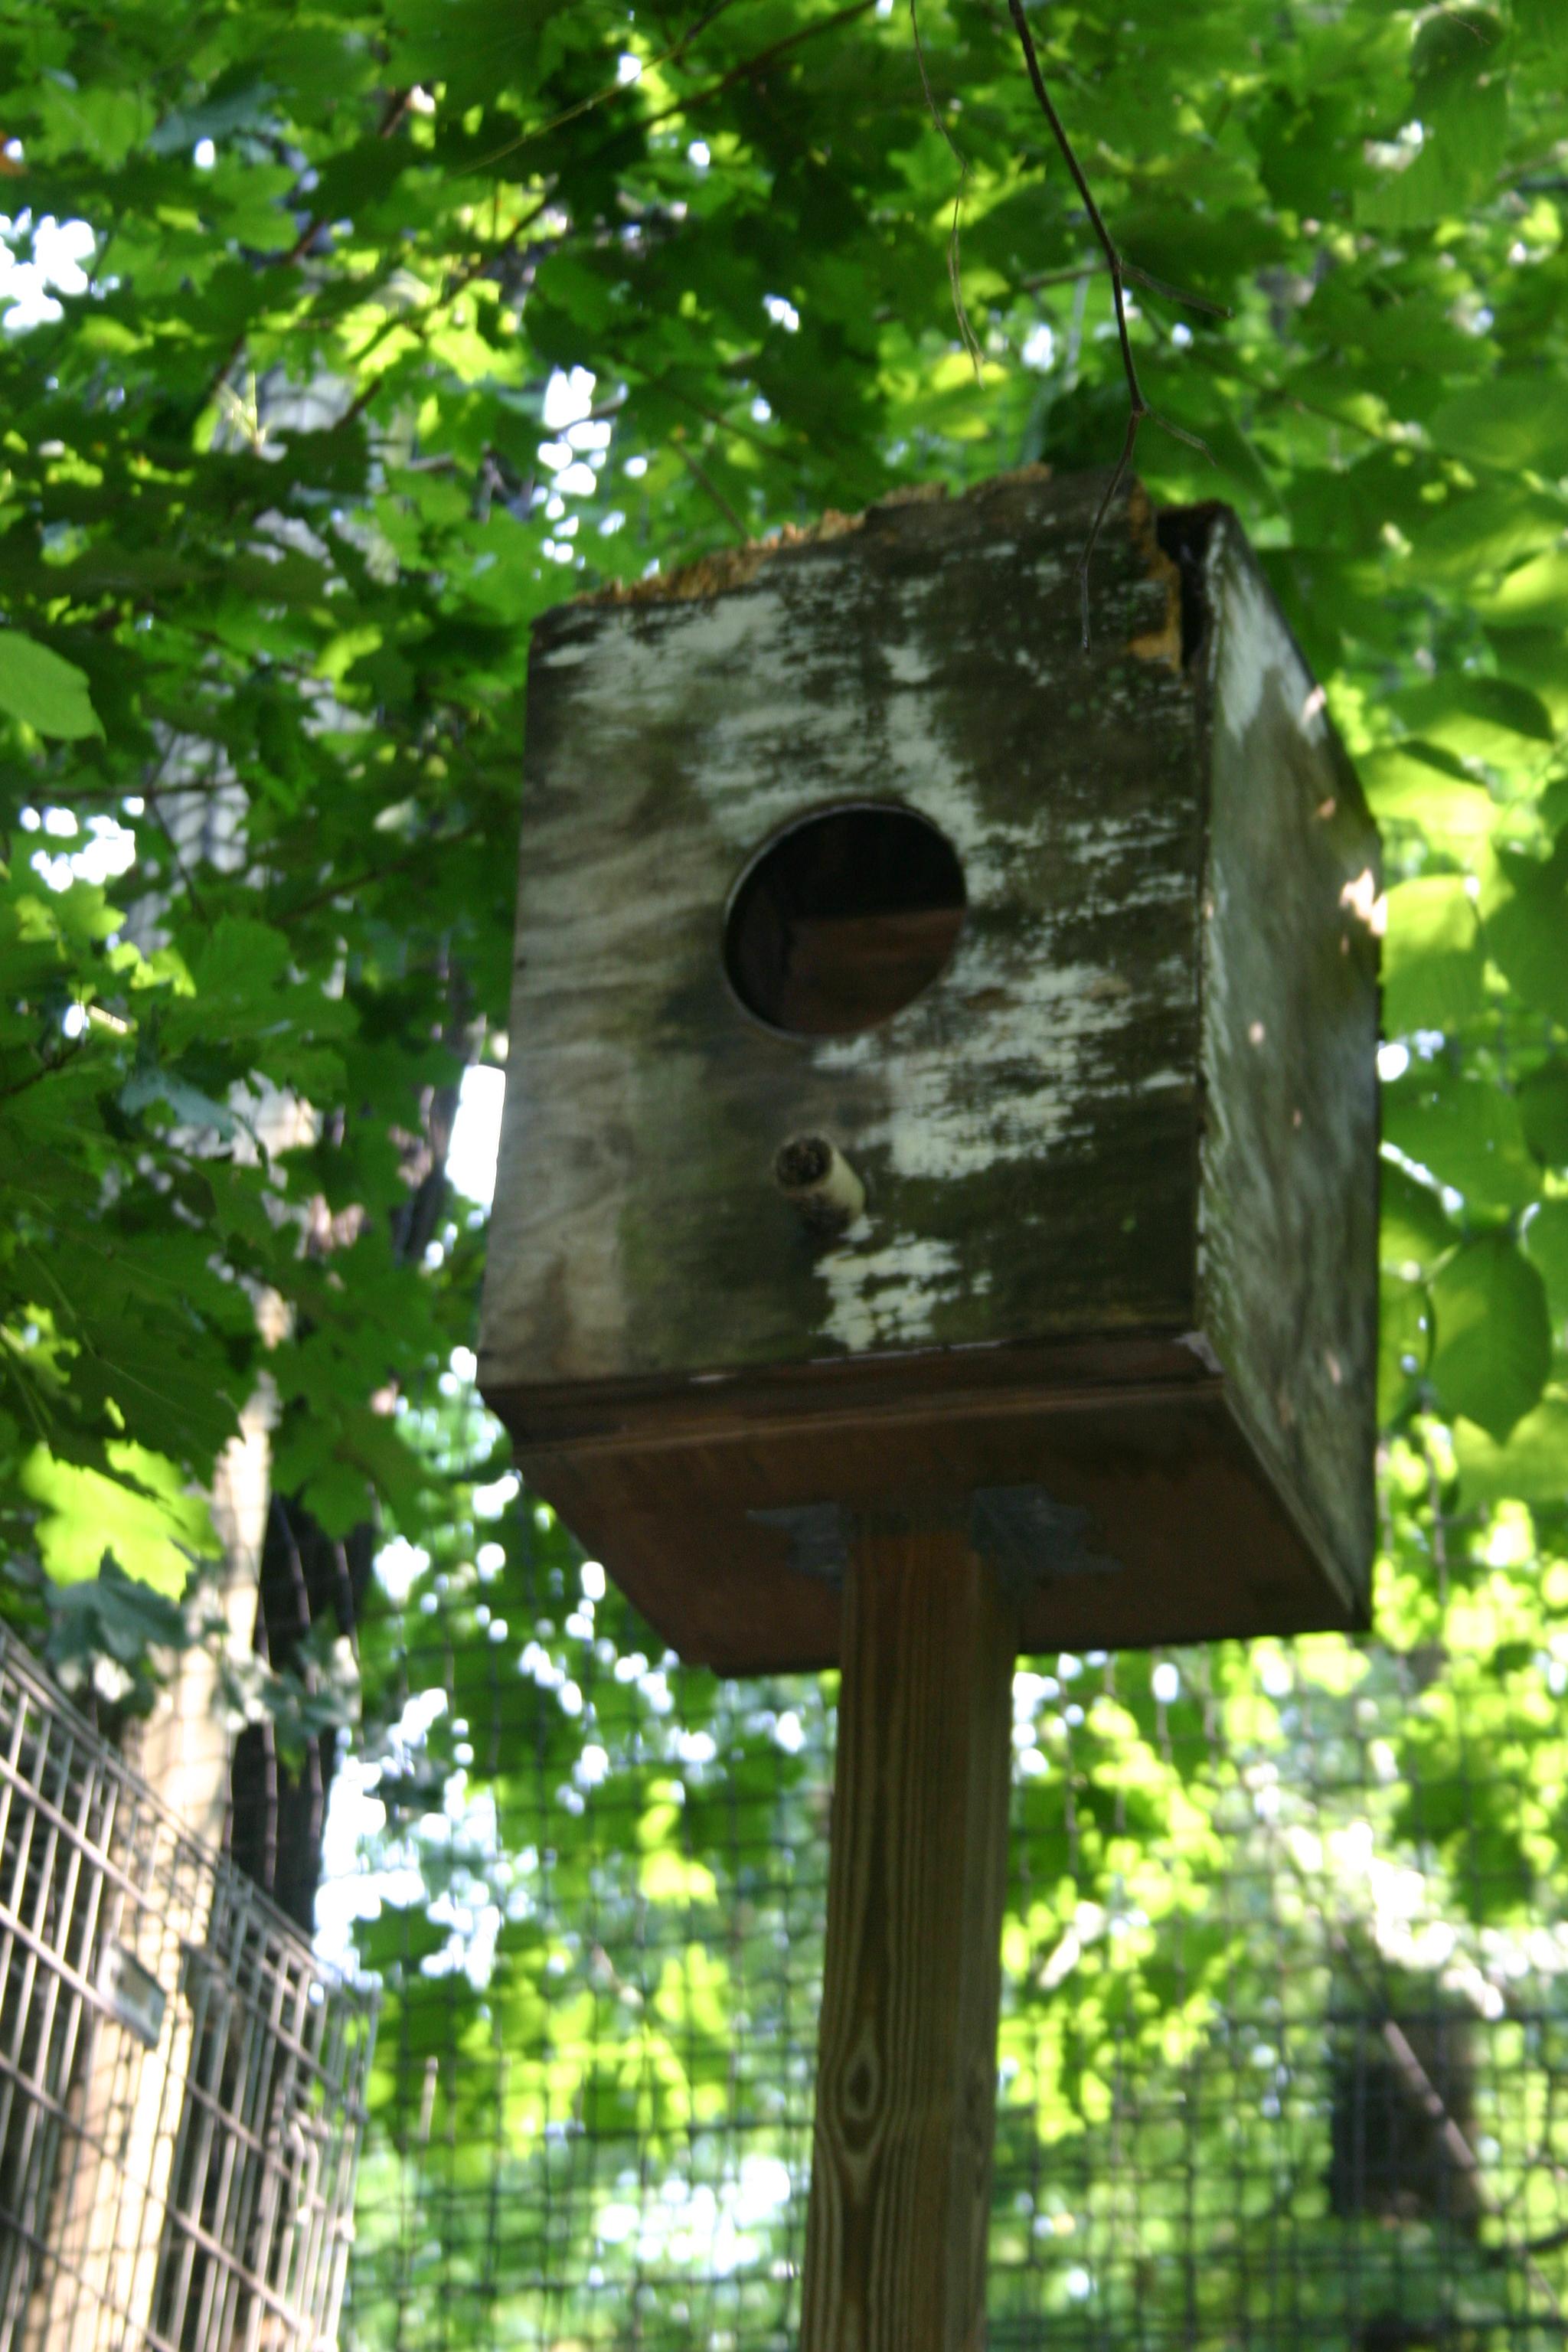 How to Build or Buy a Barn Owl Nest Box – Barn Owl Box Company